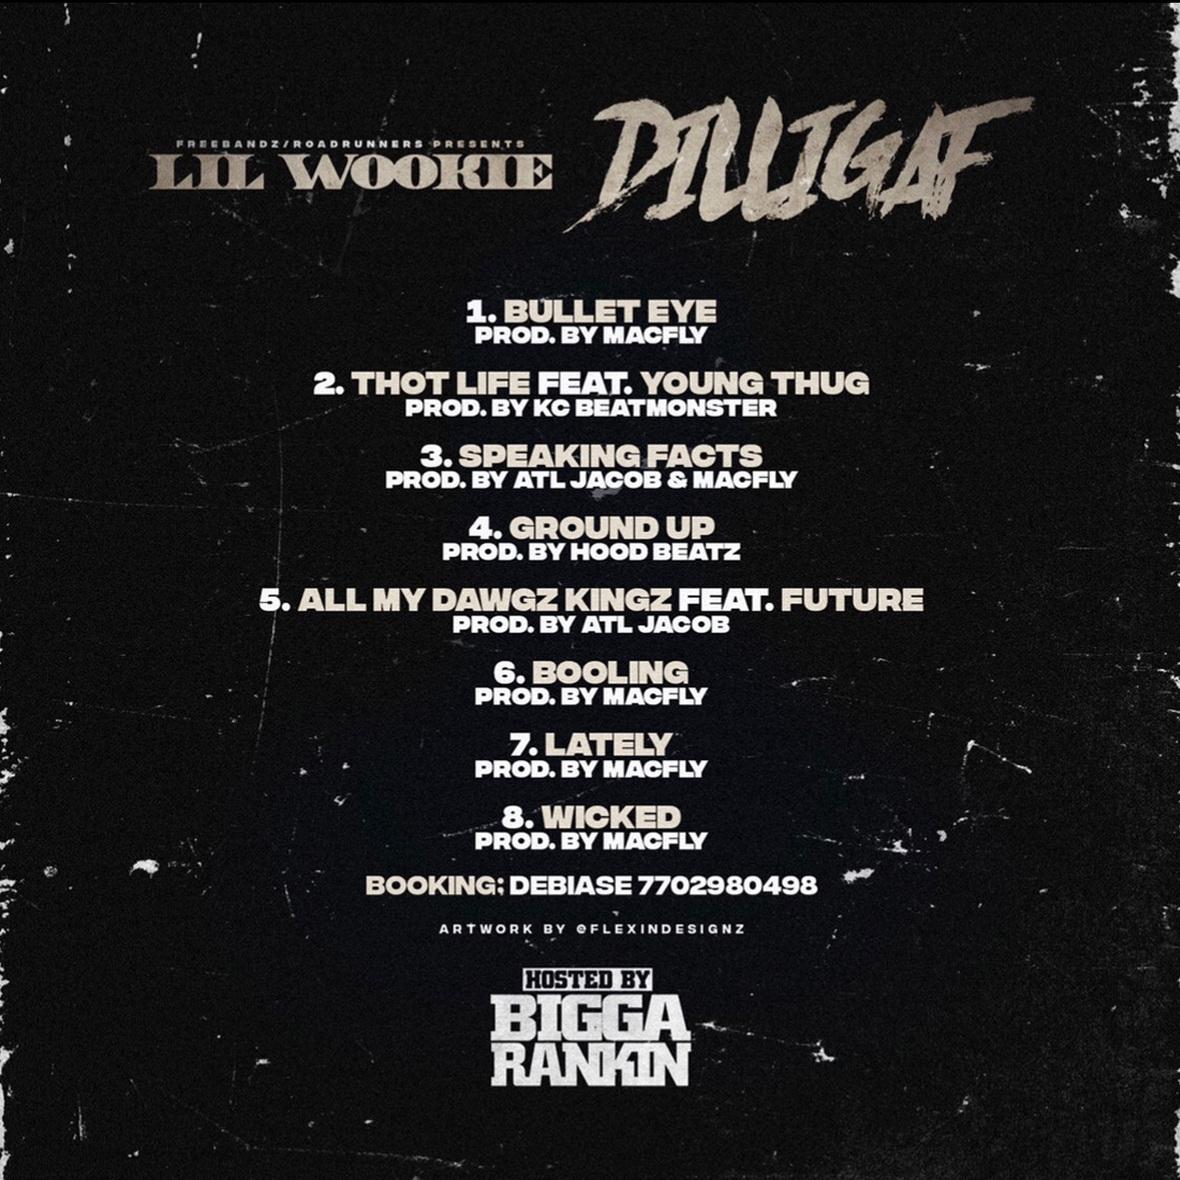 Lil Wookie - DILLIGAF Back